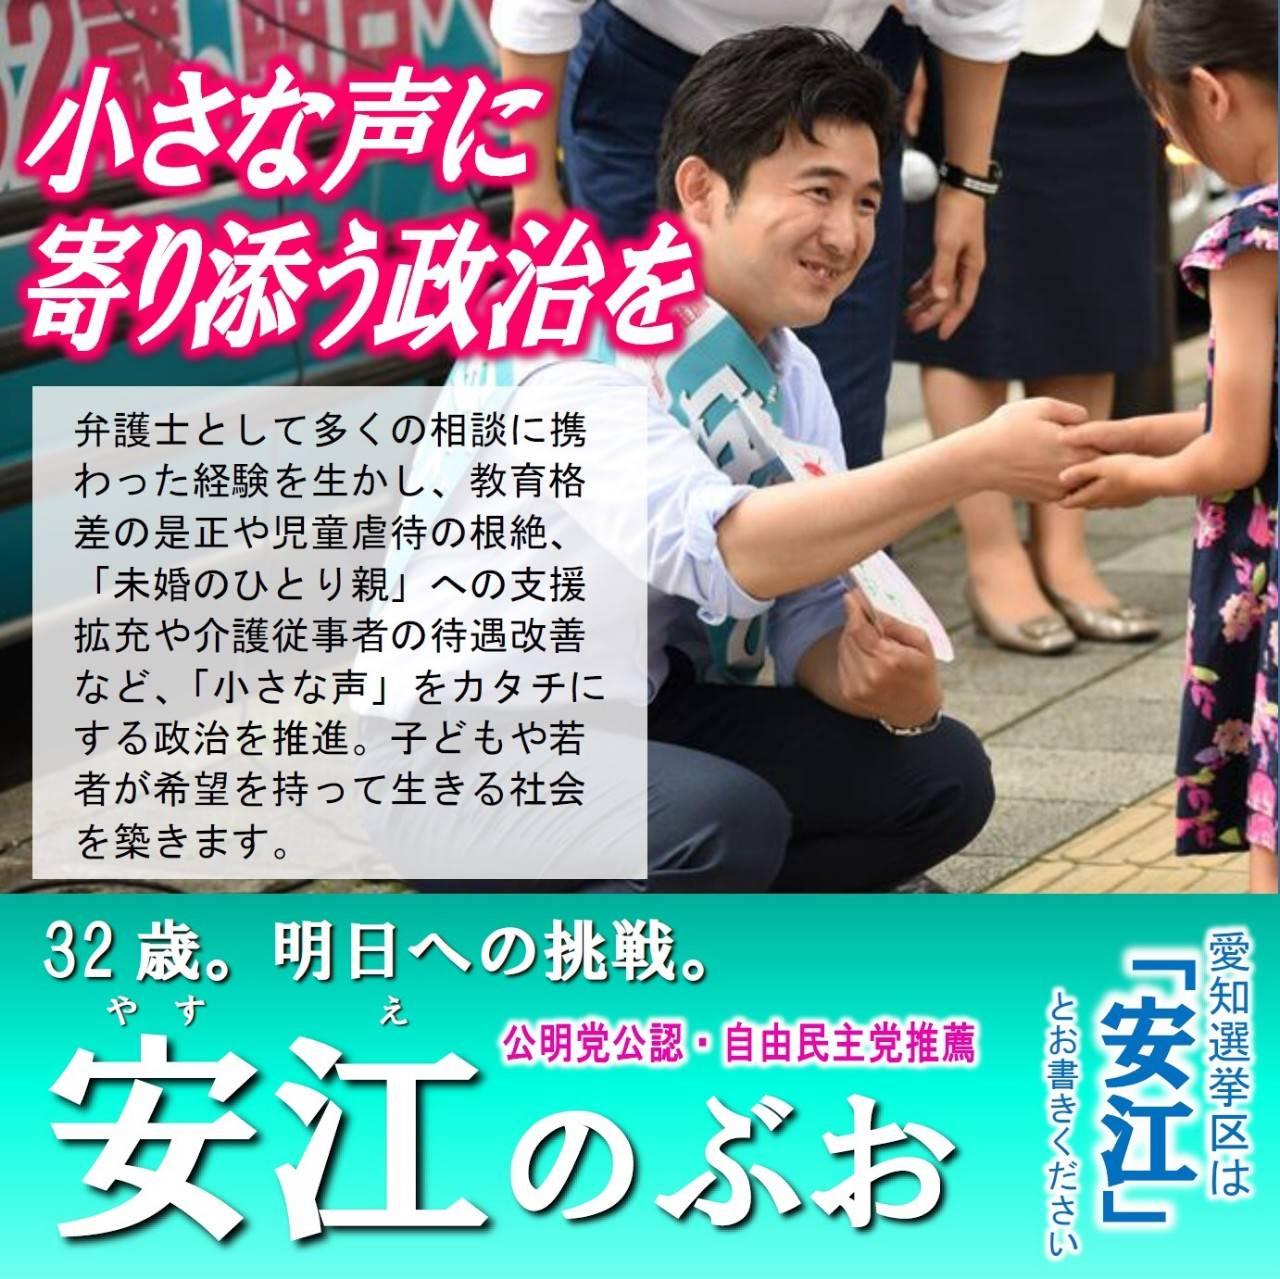 小さな声に寄り添う政治を|安江のぶお 2019年参院選 愛知選挙区候補